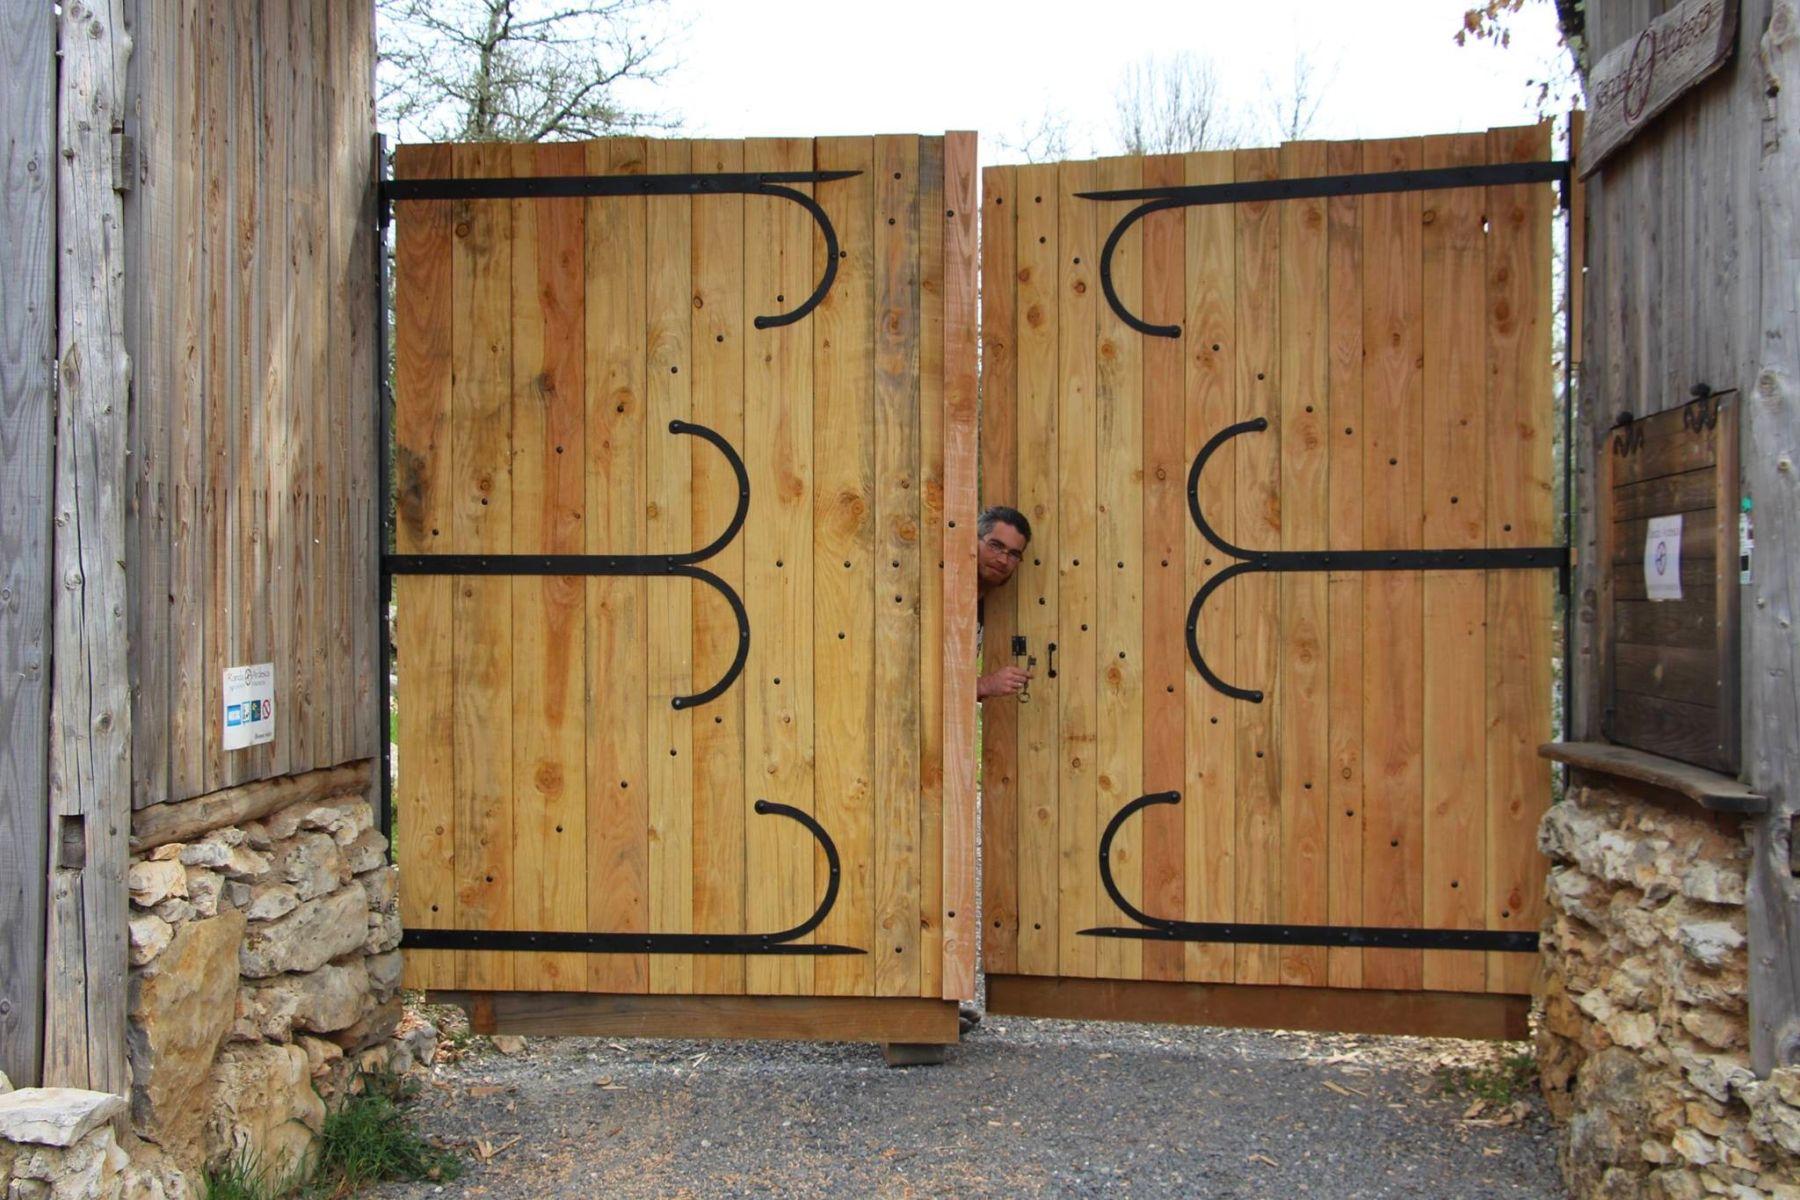 Randa Ardesca Archéosite d'Ardèche - La porte d'entrée